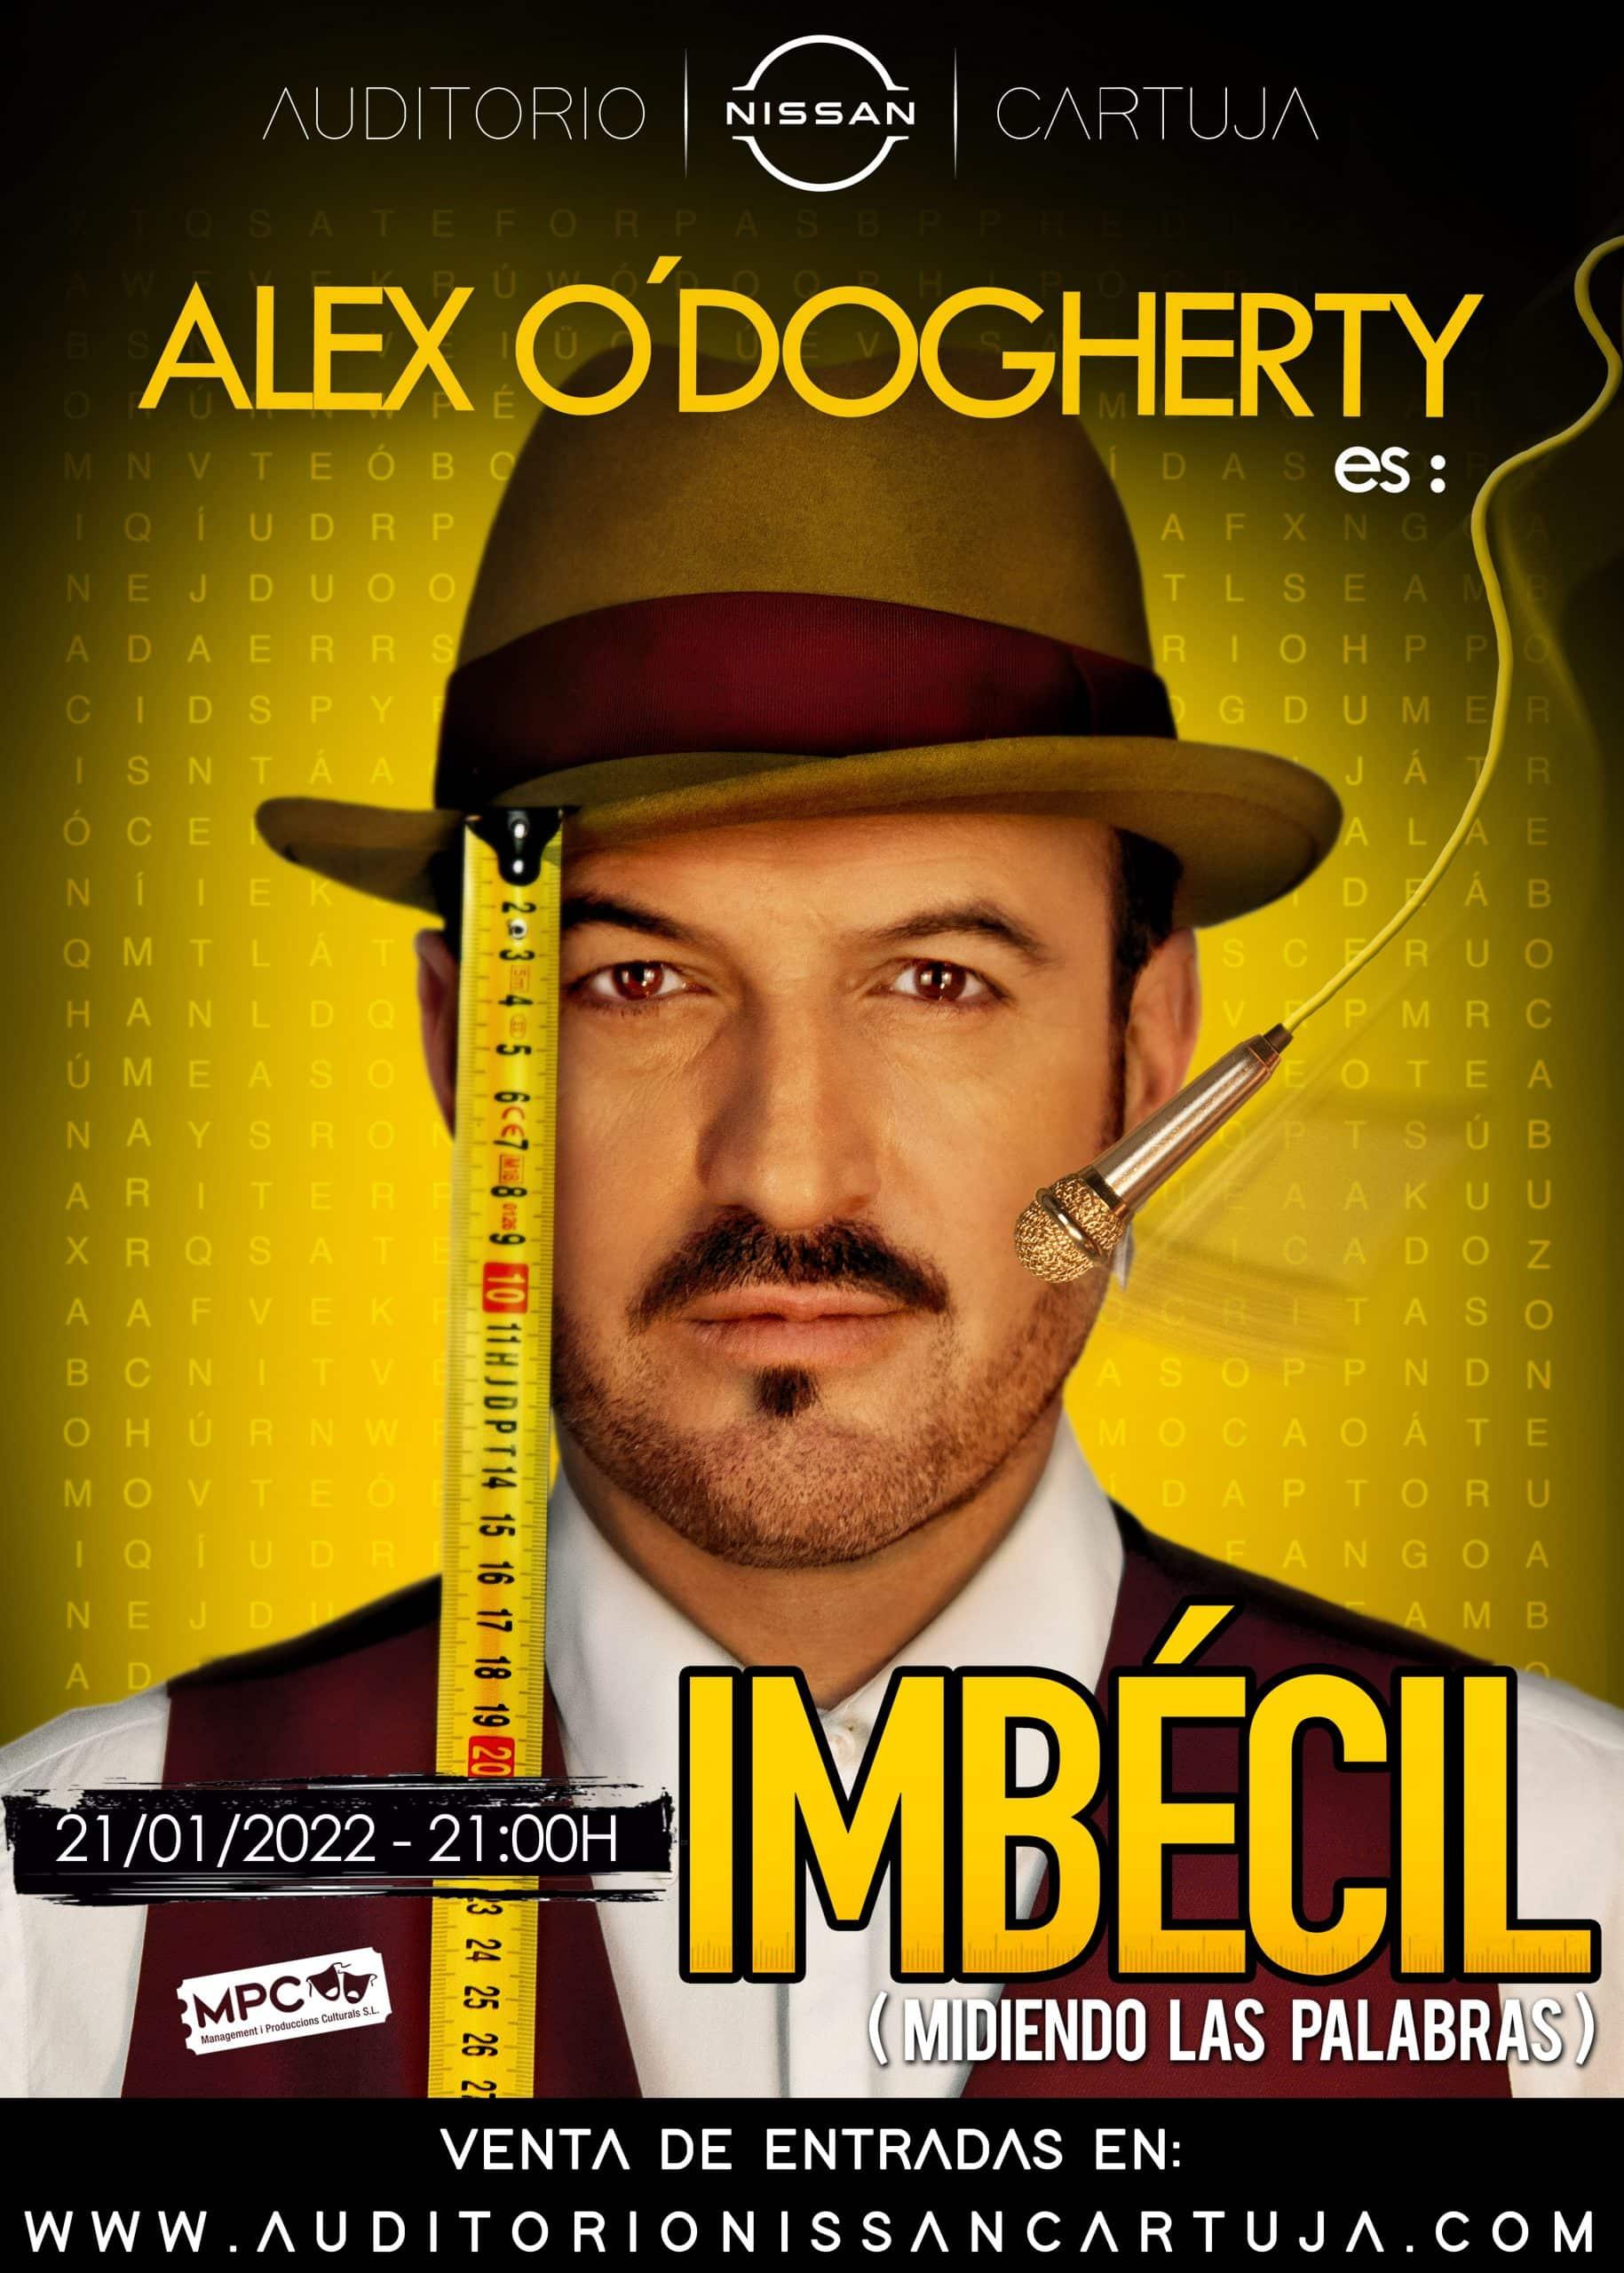 IMBÉCIL (MIDIENDO LAS PALABRAS) – ALEX O'DOGHERTY